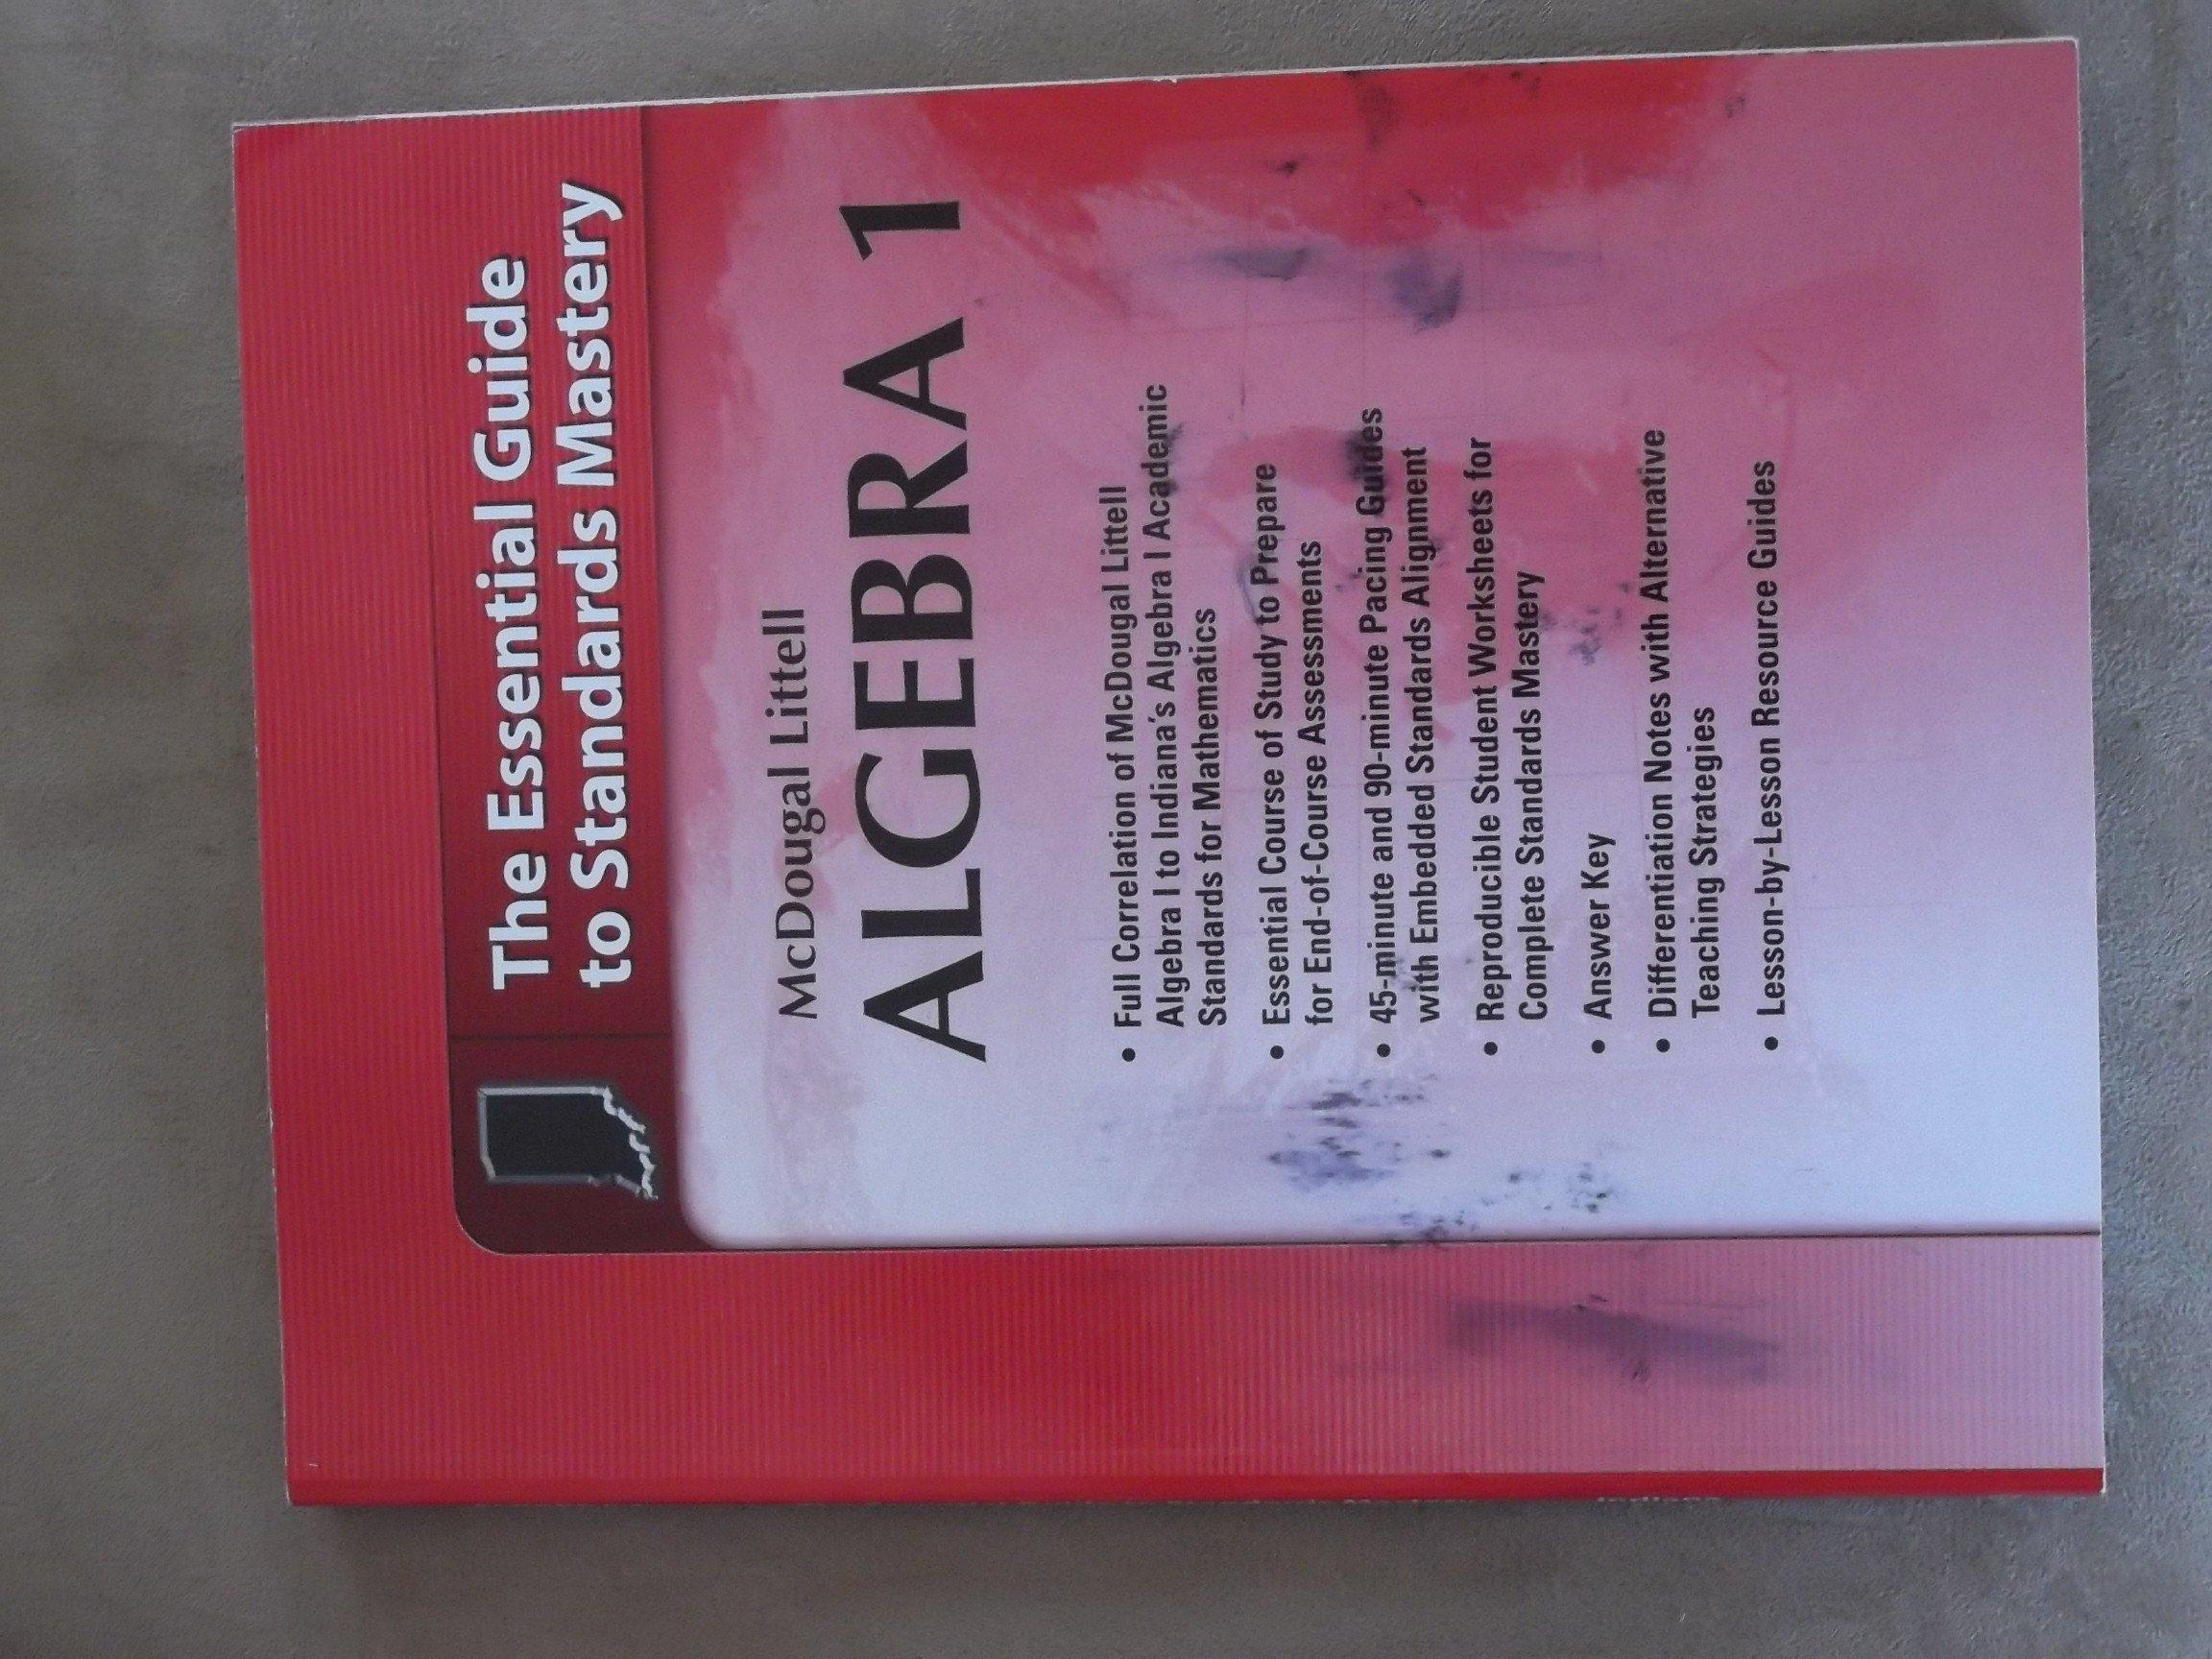 Worksheets Mcdougal Littell Algebra 1 Worksheet Answers mcdougal littell algebra 1 the essential guide to standards mastery for indiana larson 9780547333083 amazon com books